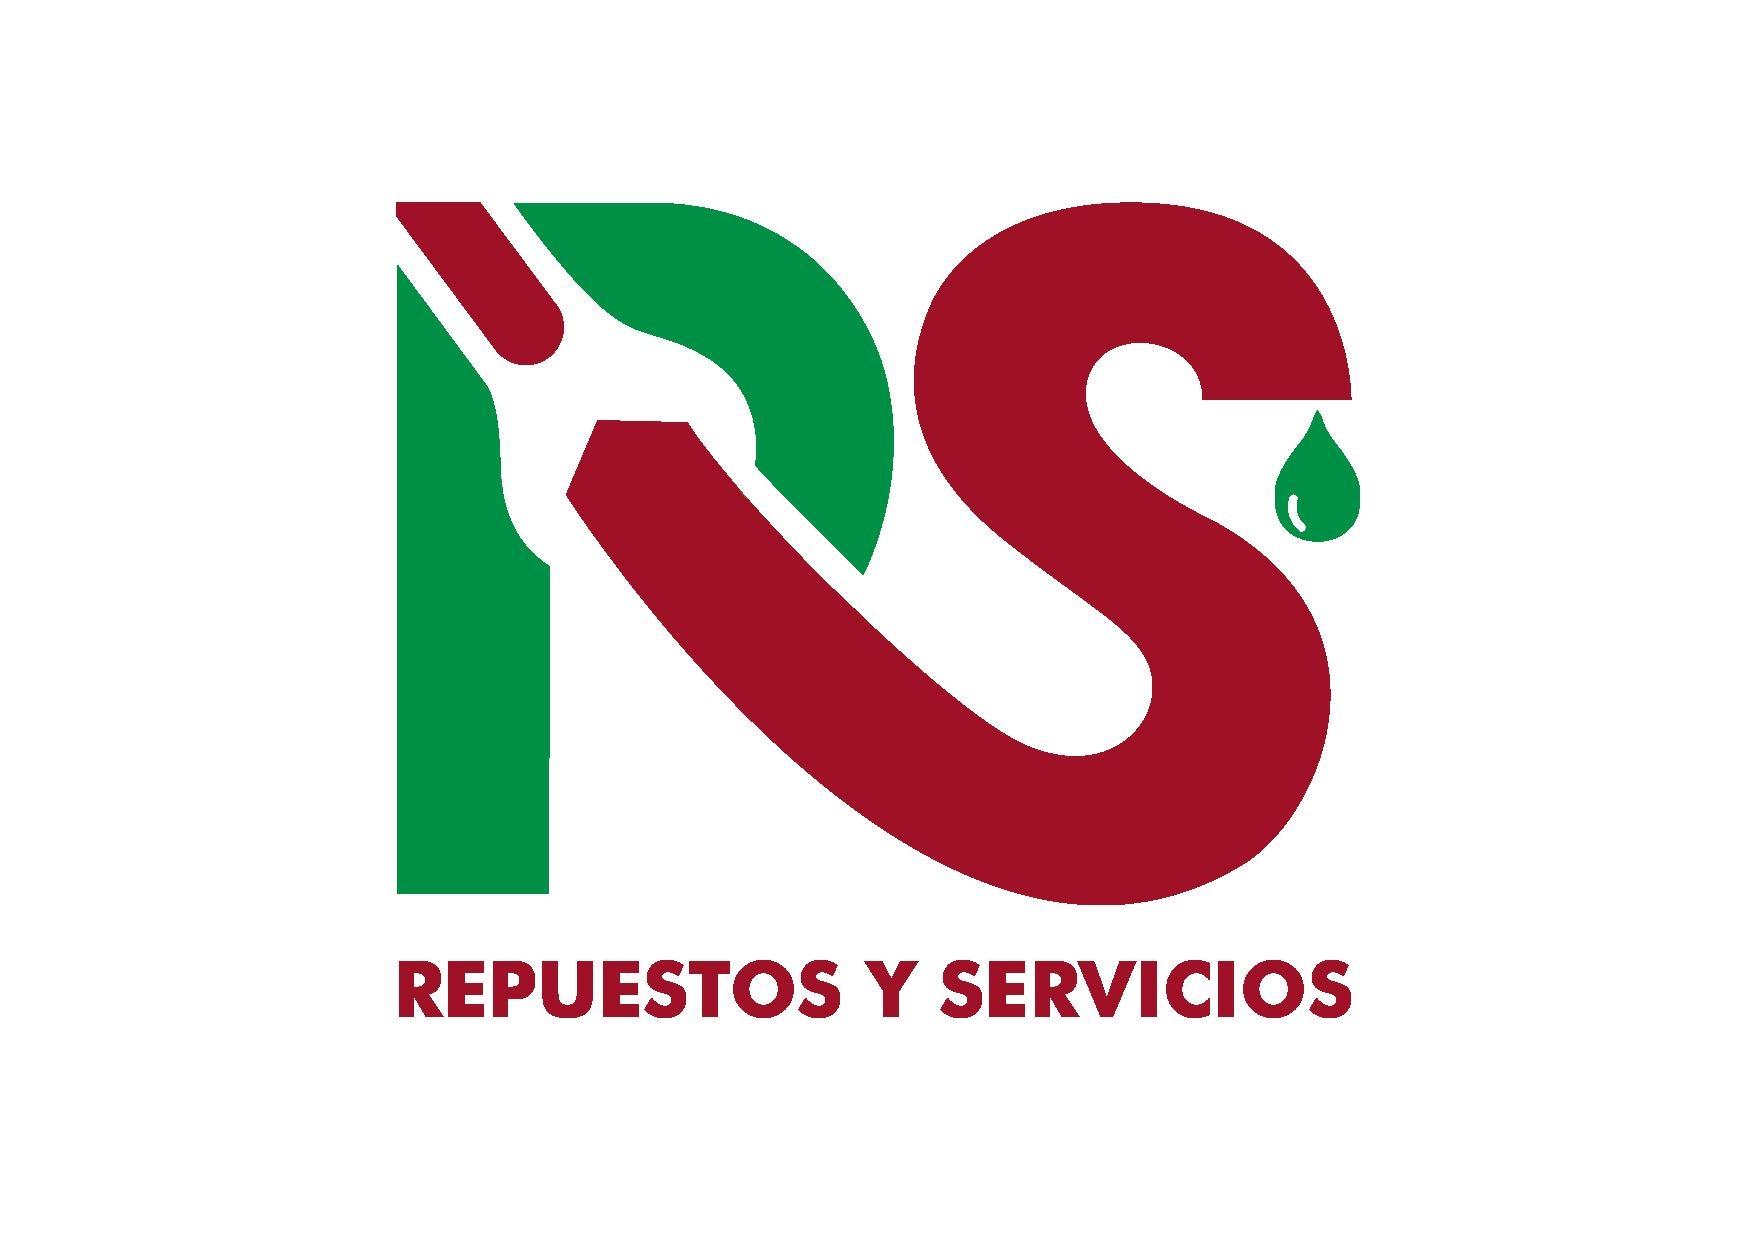 Repuestos y Servicios